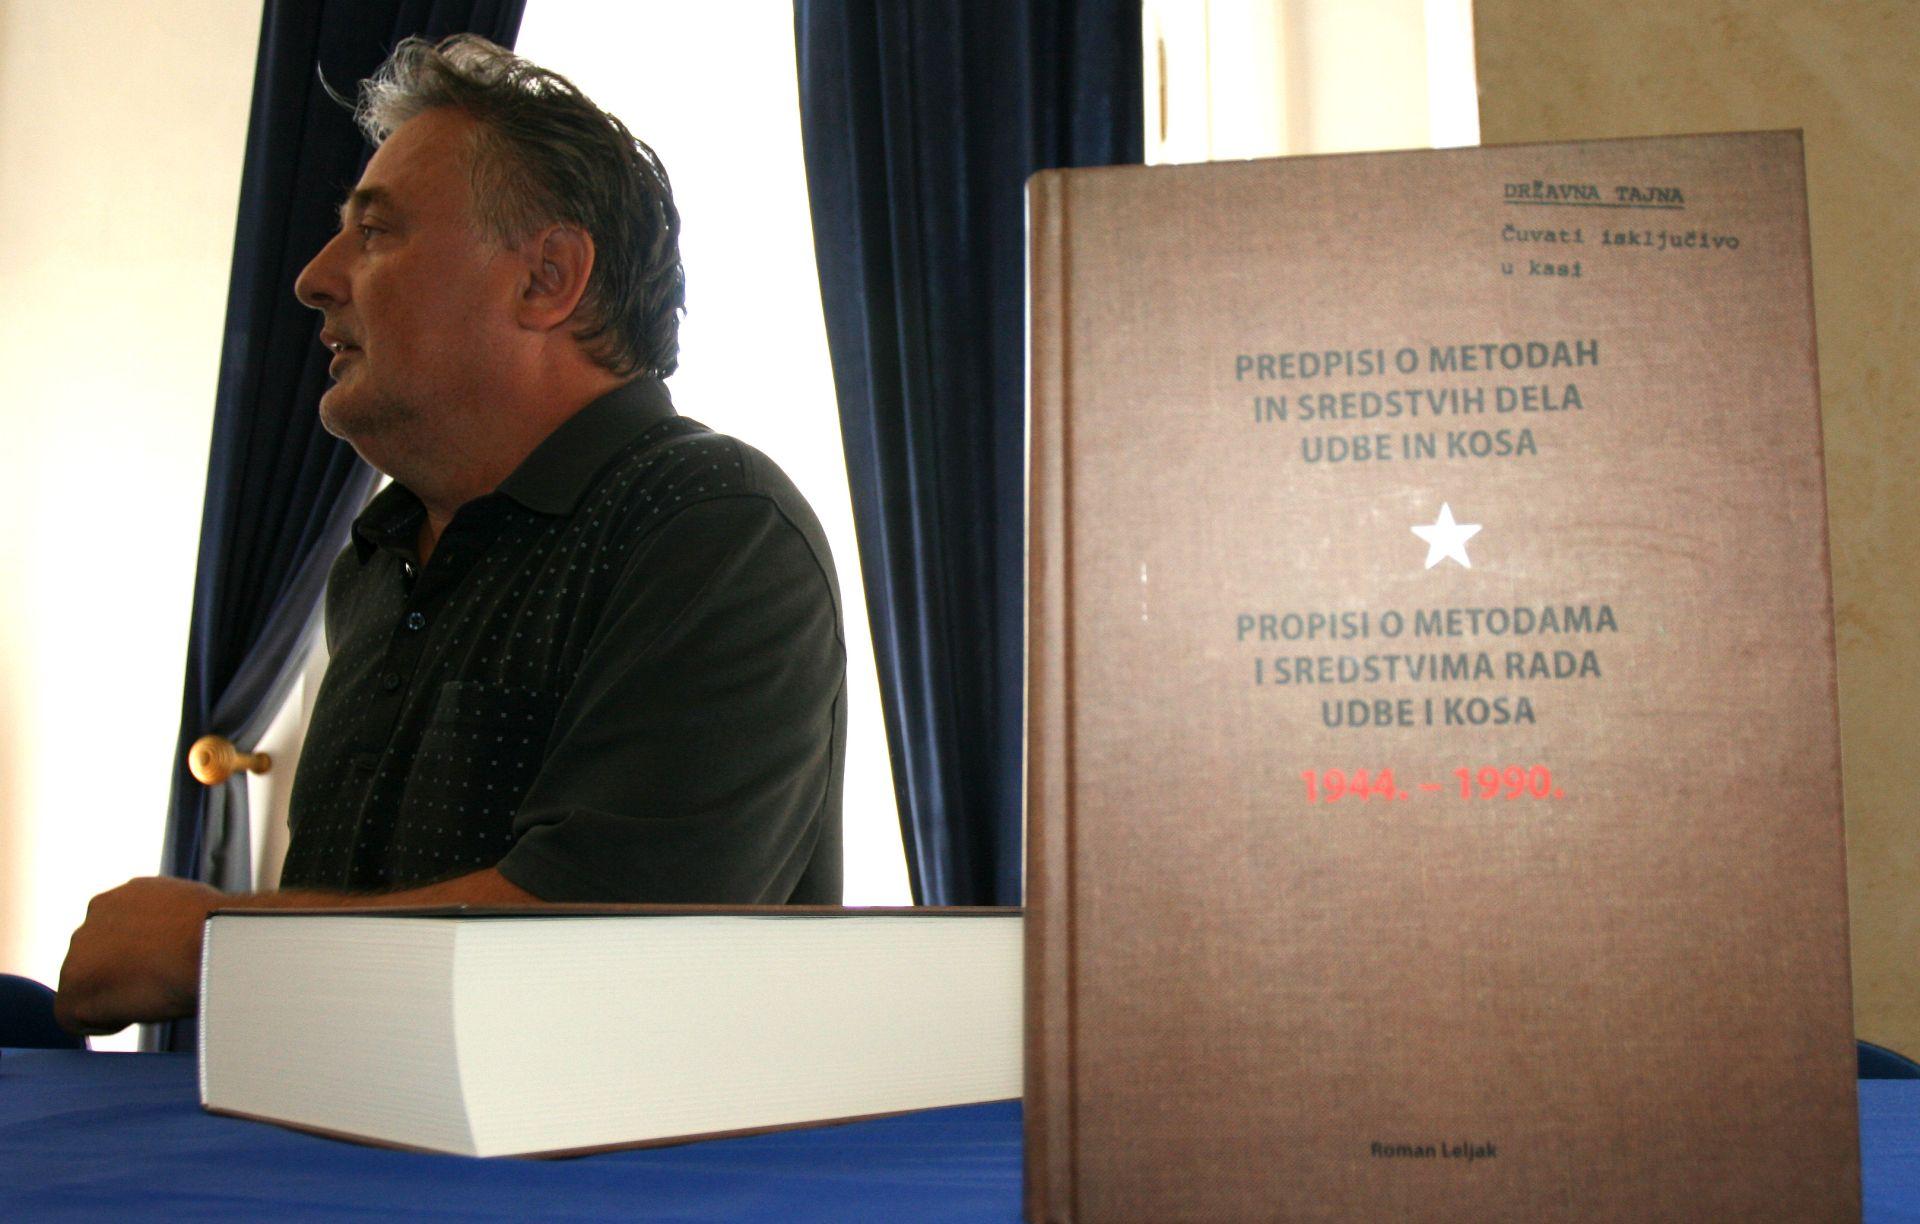 """Predstavljena knjiga R. Leljaka """"Propisi o metodama i sredstvima rada Udbe i Kosa"""""""